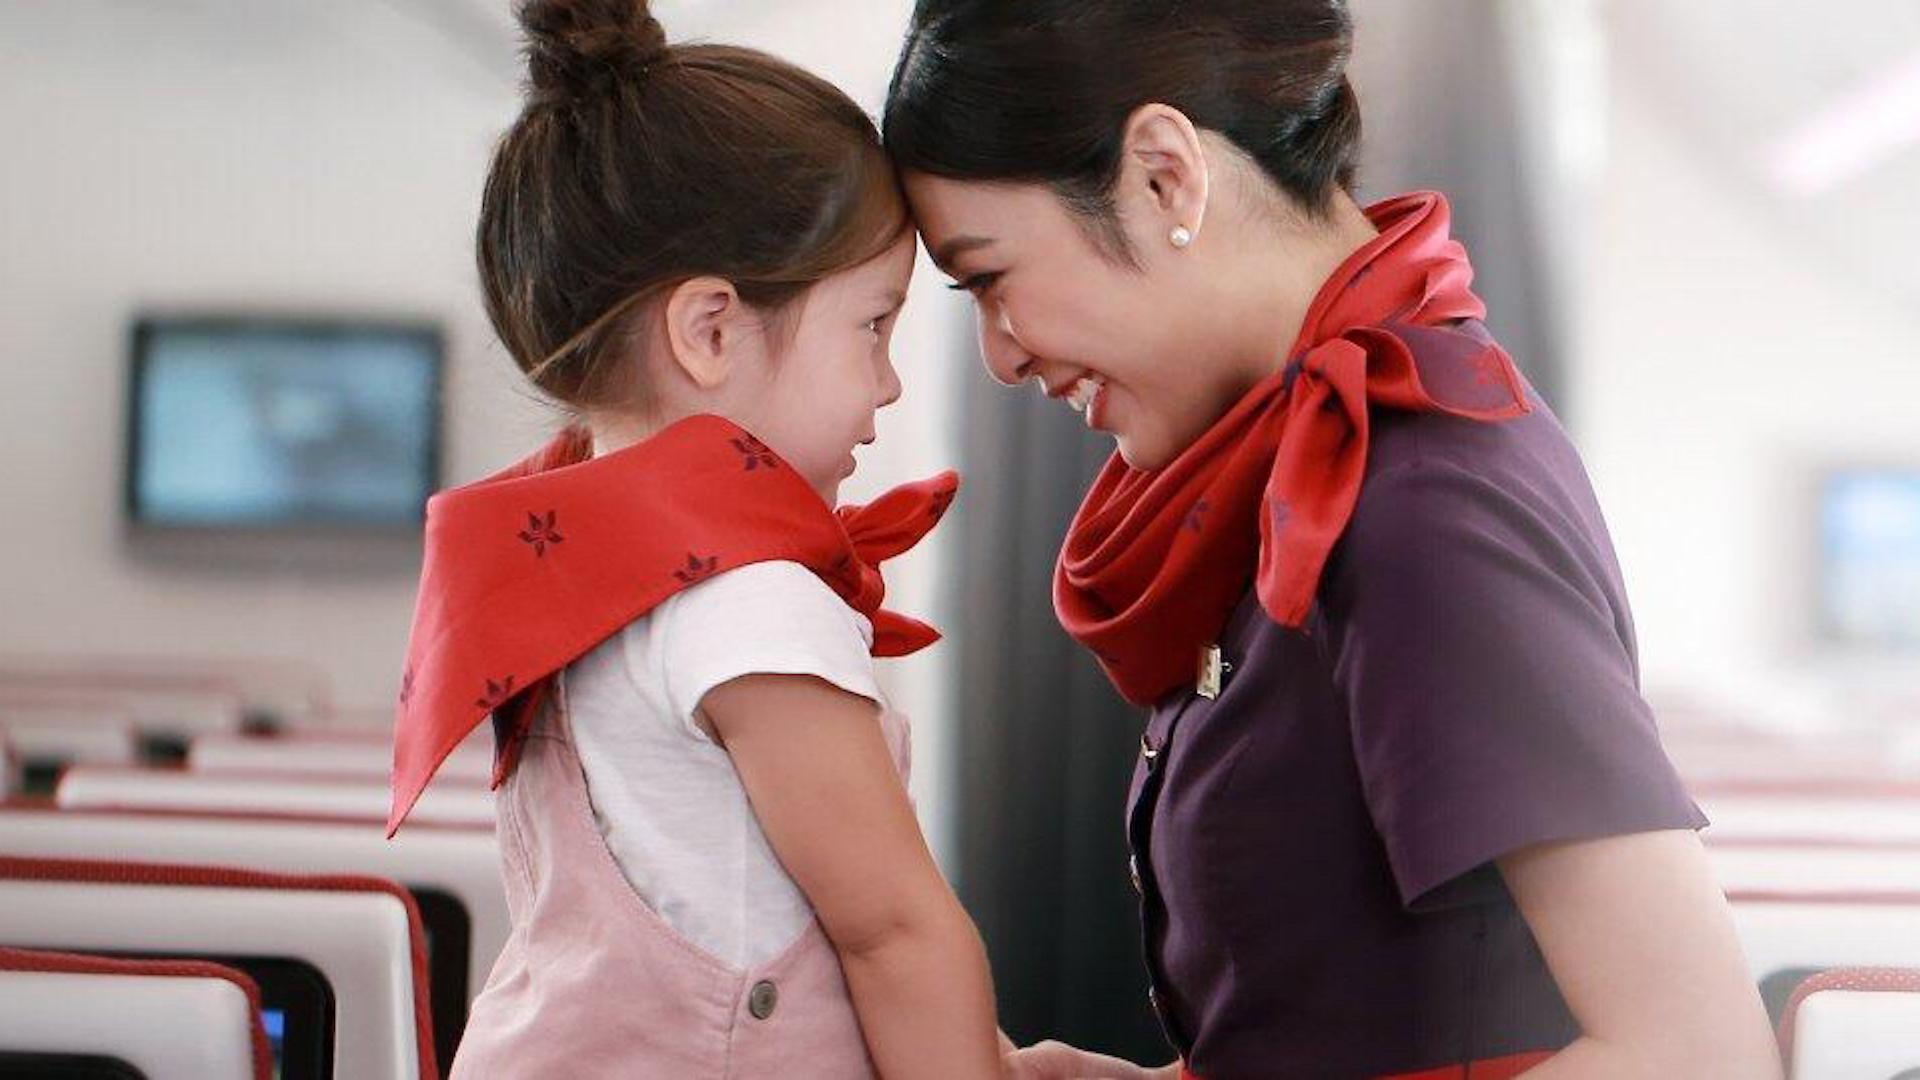 Las aerolíneas con la mejor puntualidad en Asia Pacífico